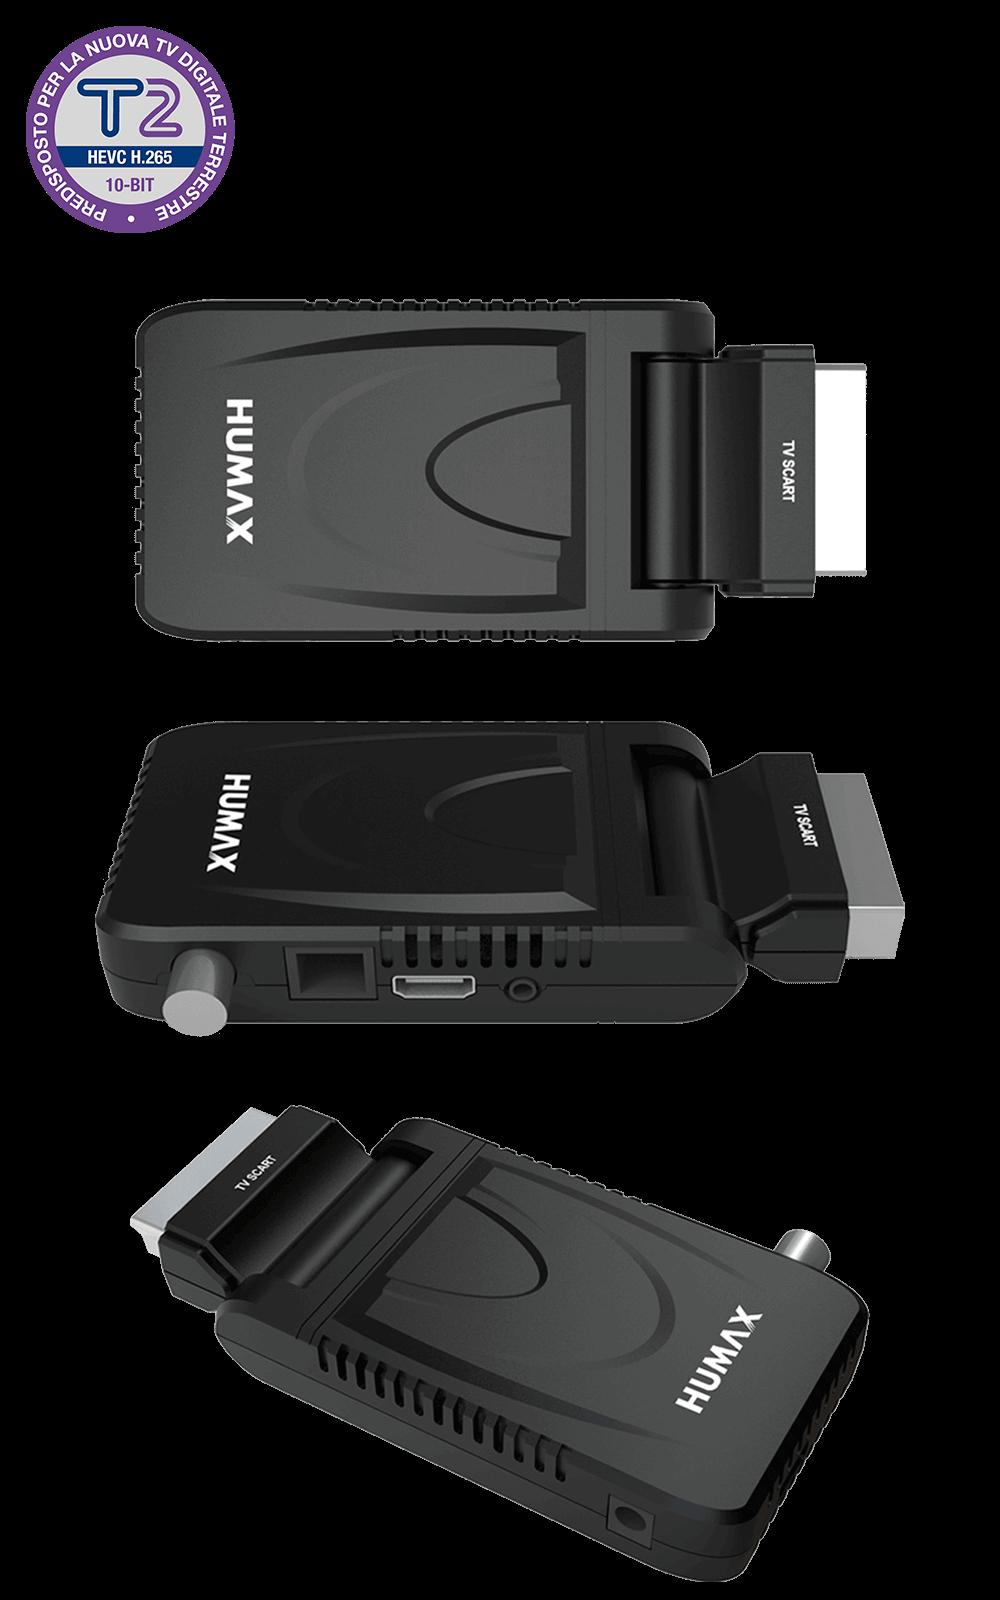 Humax Digimax HDR - HD-2021T2: decoder digitale terrestre DVB-T2